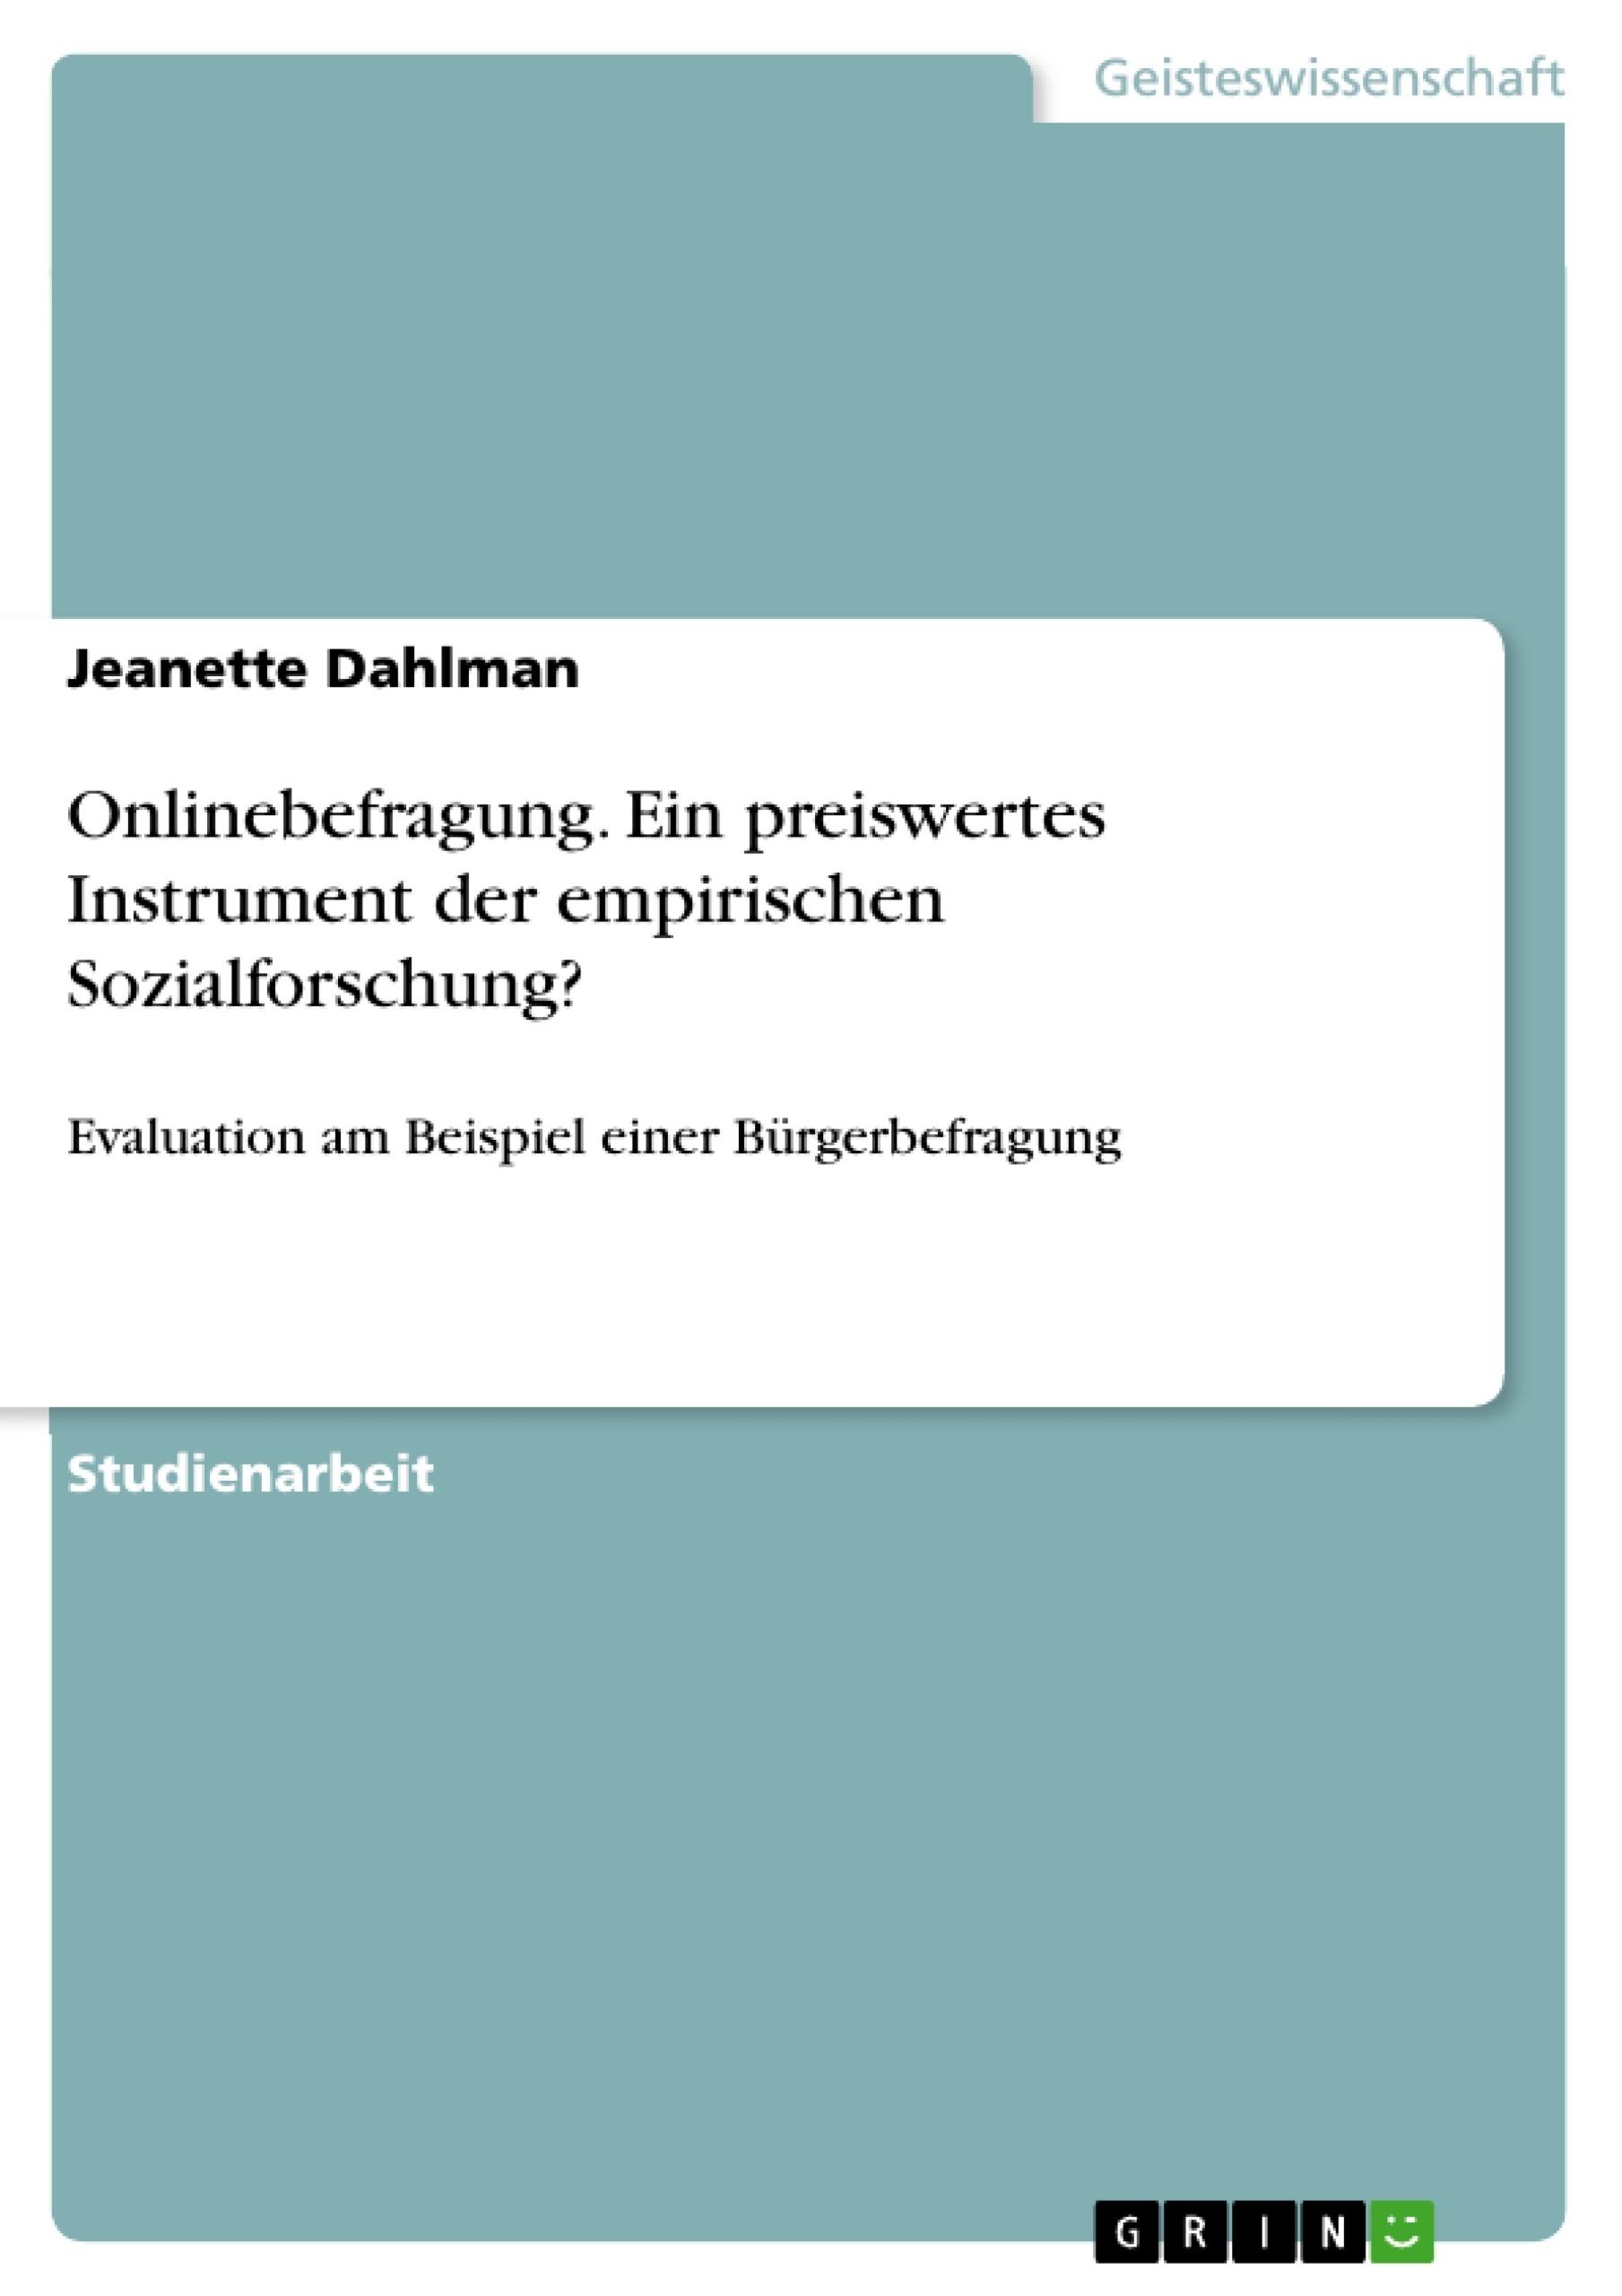 Titel: Onlinebefragung. Ein preiswertes Instrument der empirischen Sozialforschung?